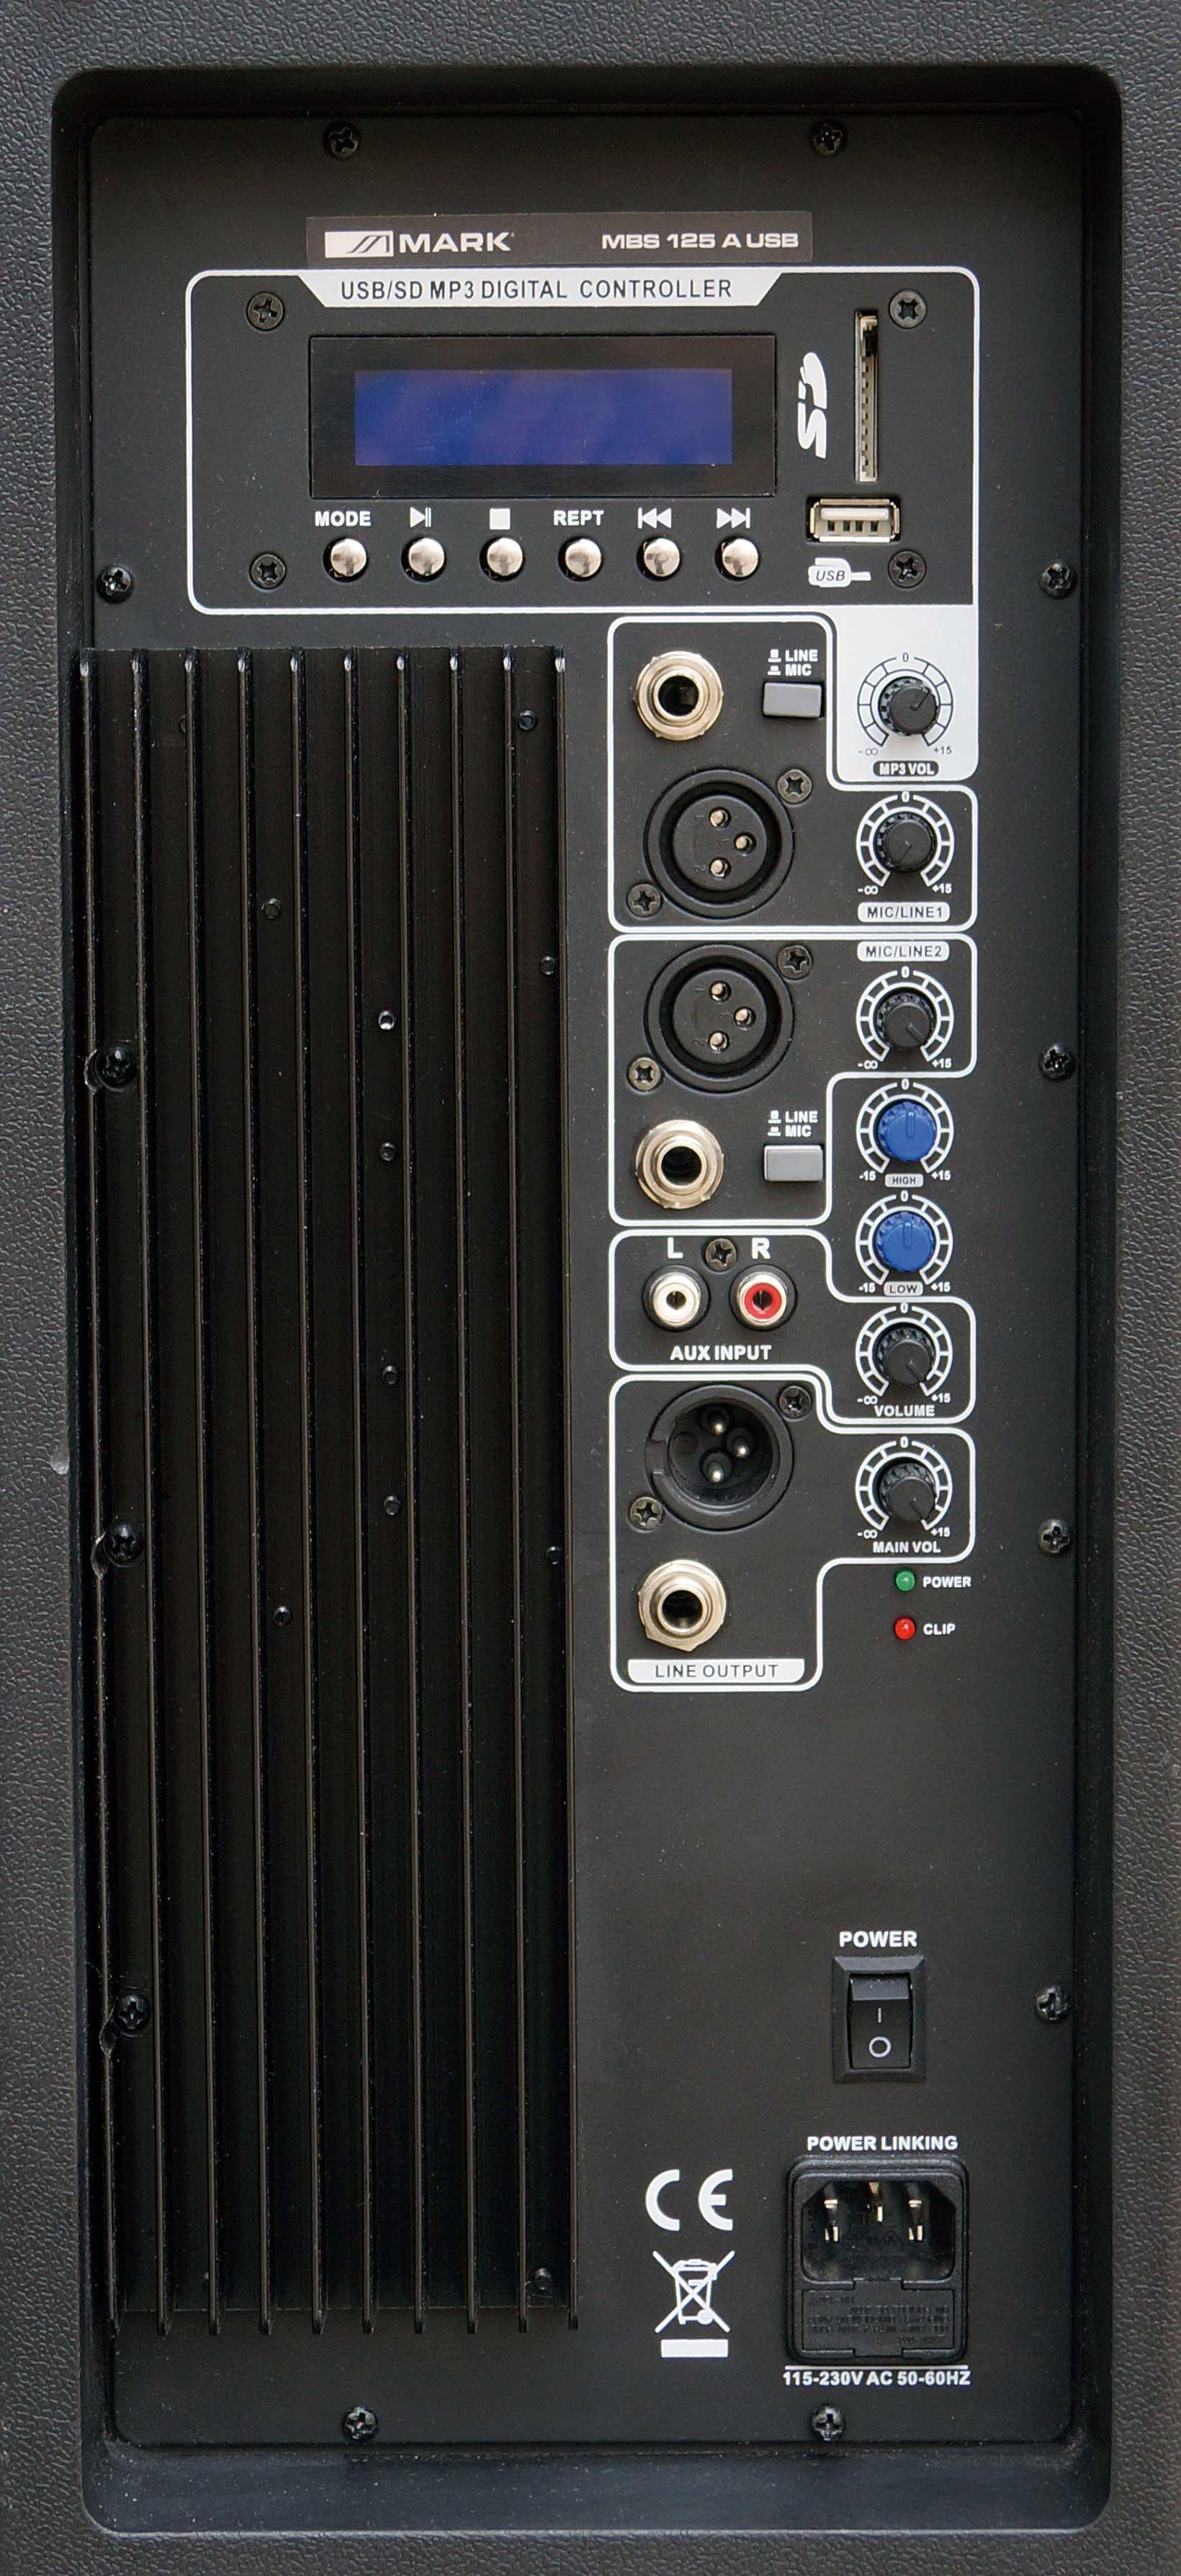 MBS 125A USB Trasera